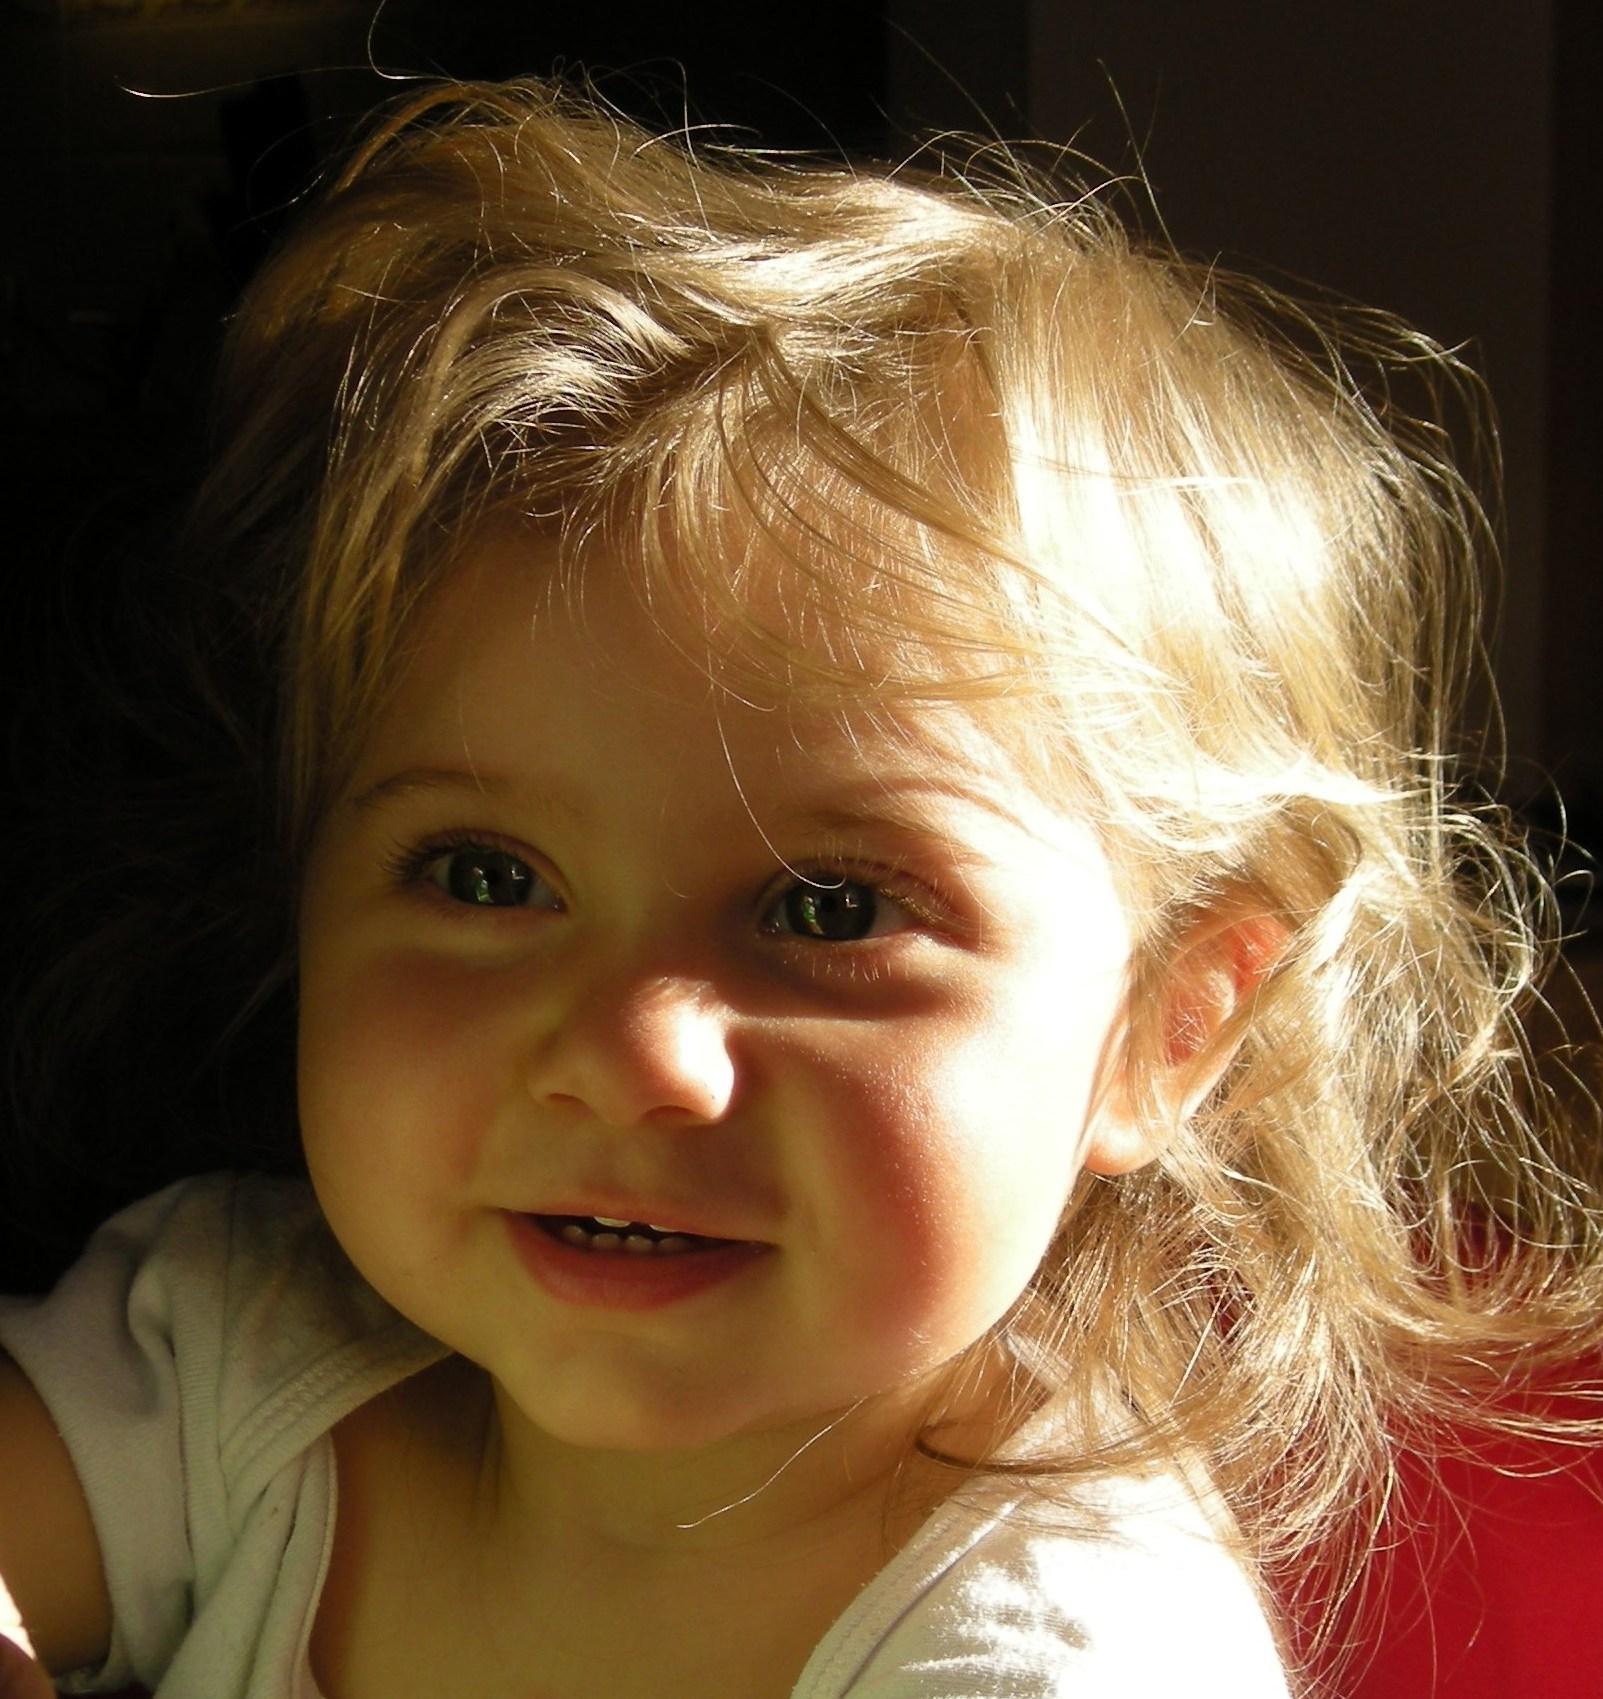 I denti dei bambini: quando effettuare la prima visita odontoiatrica